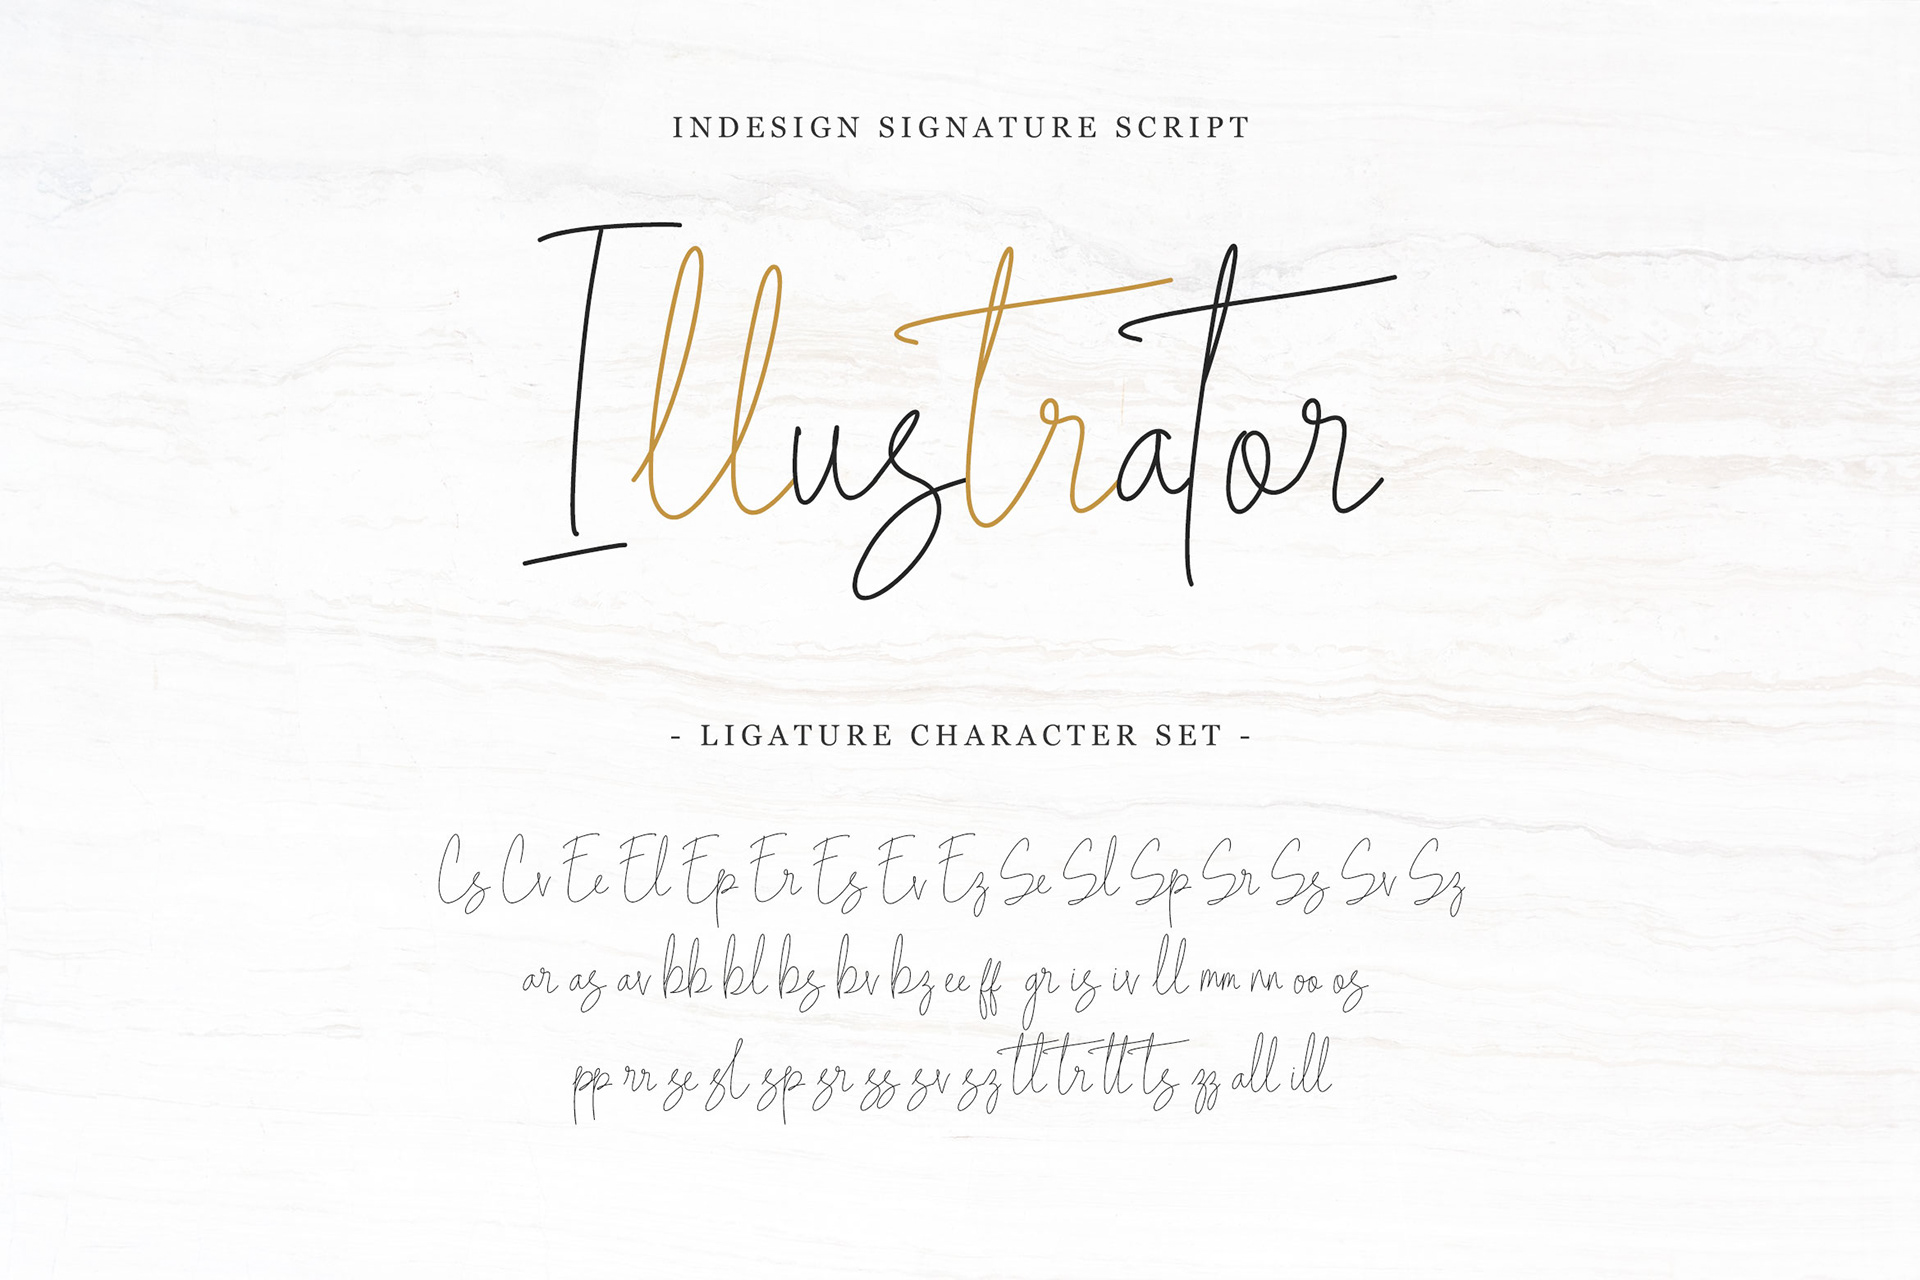 Indesign Signature Script Font - script